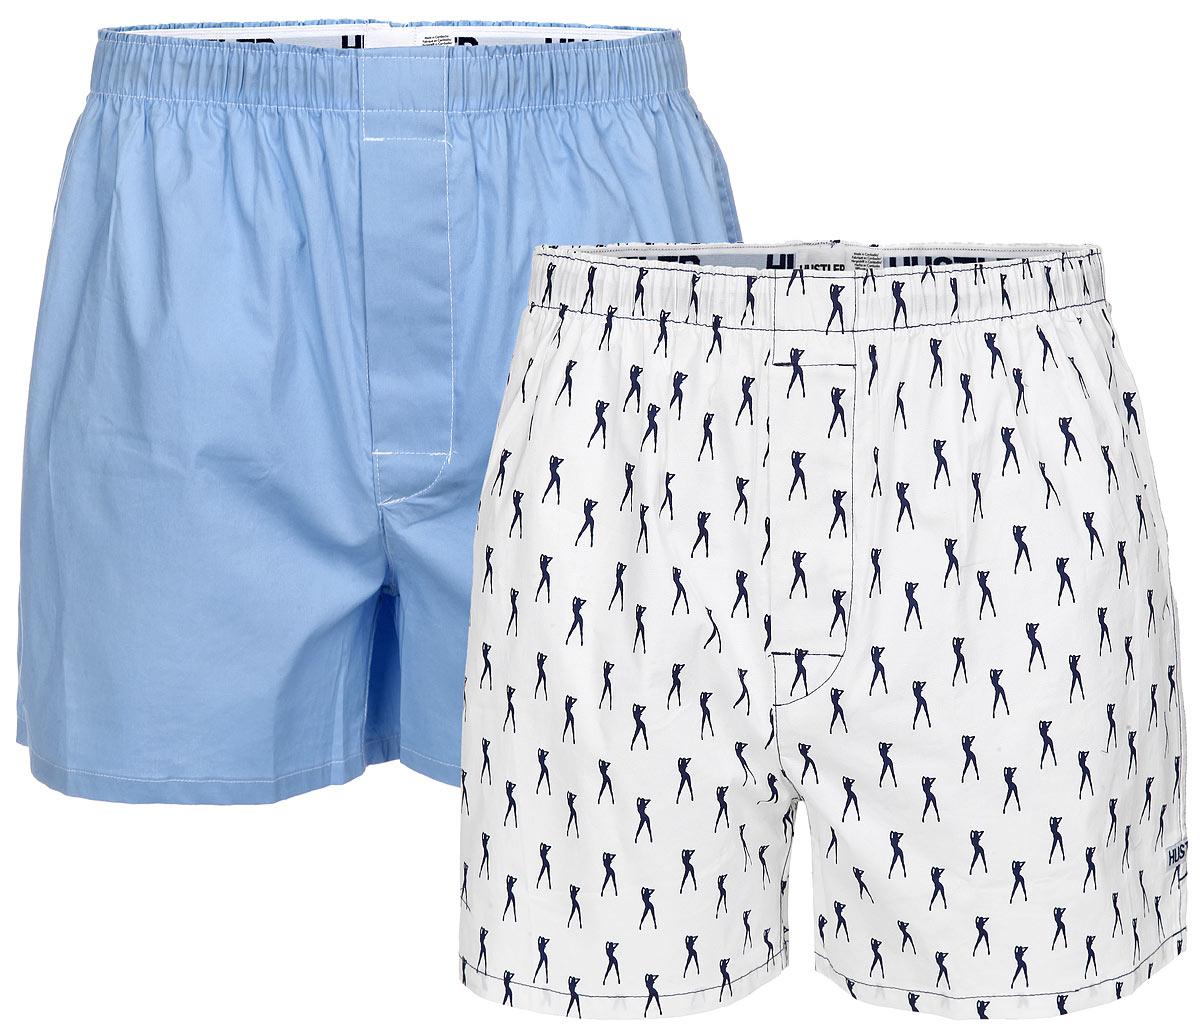 Трусы-шорты мужские Hustler Lingerie Blue Line, цвет: белый, голубой, темно-синий, 2 шт. HUW-1006BLU. Размер S 46